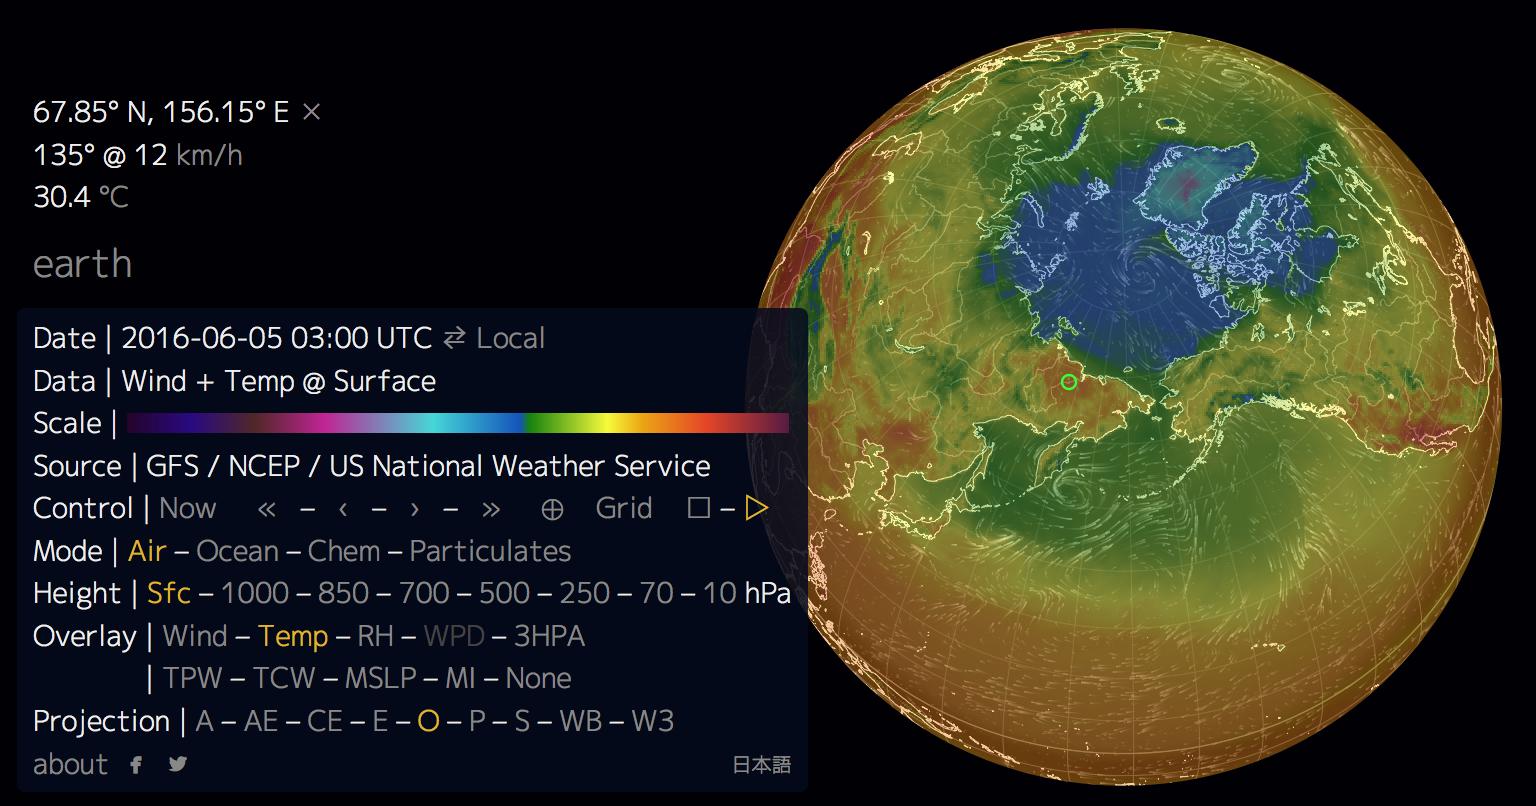 Au point cerclé en vert, près de la Côté Arctique de la Sibérie Orientale, la température relevé le 5 juin a montré que le thermomètre est monté jusqu'à au moins 30,4°C. Doc. nullschool.